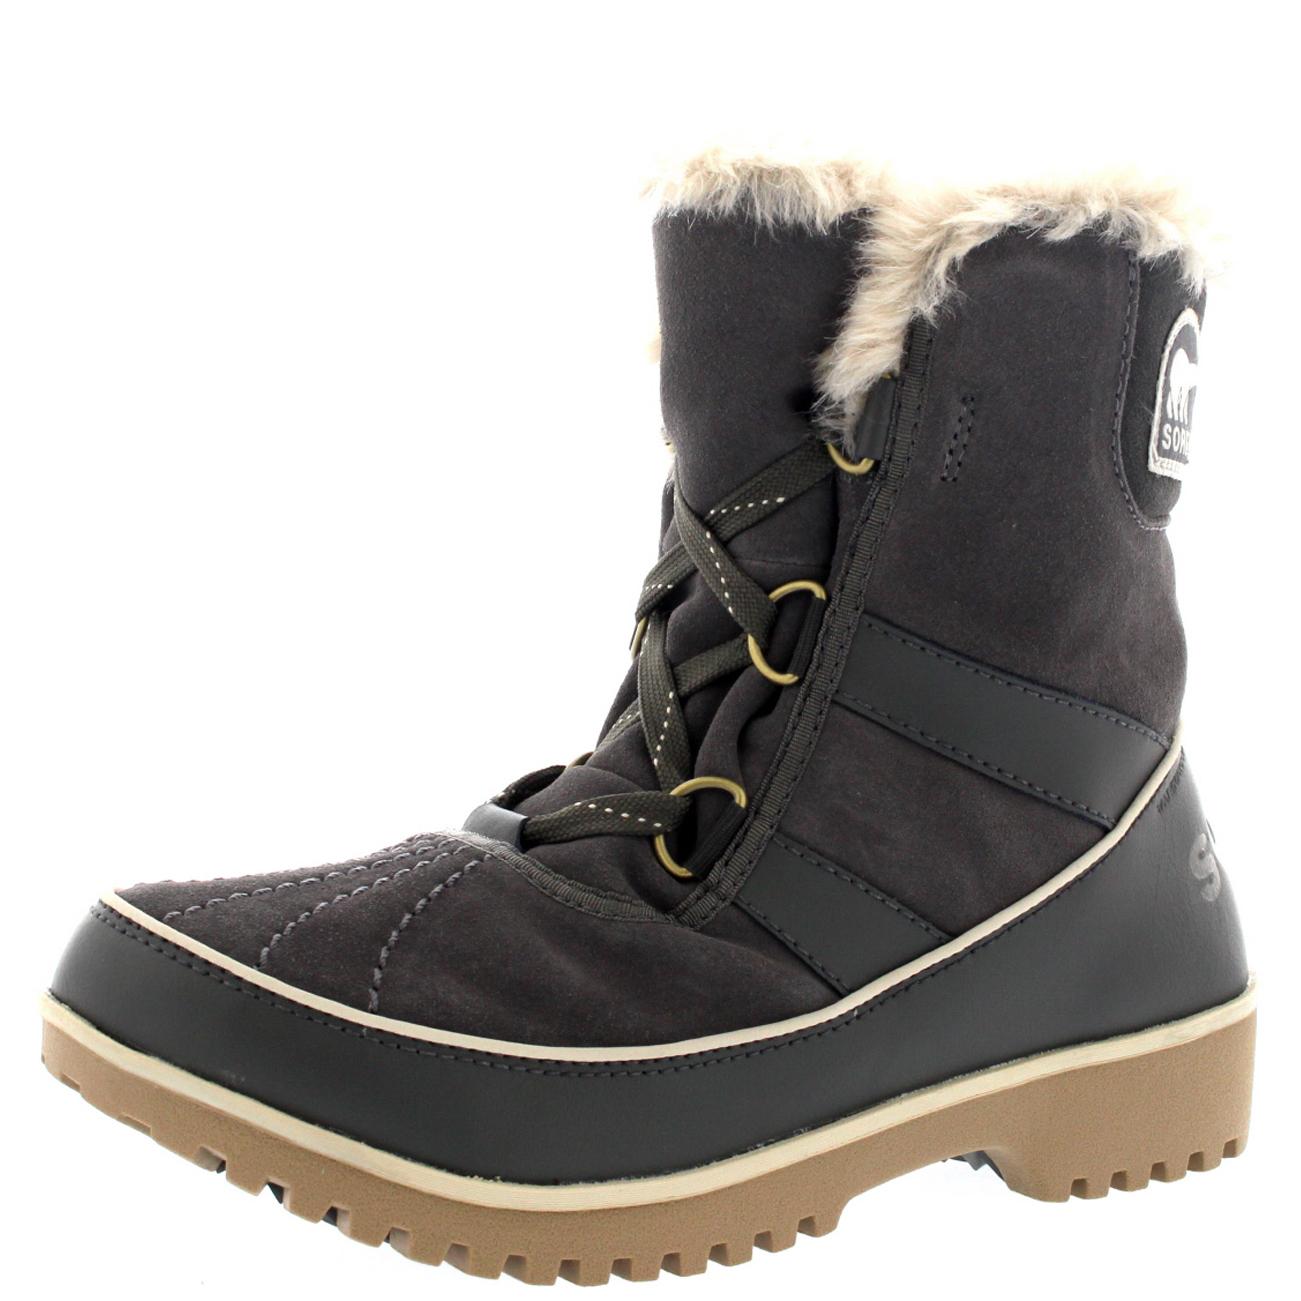 Ladies Sorel Tivolli Up Ii Winter Snow Lace Up Tivolli Rain Warm Fur Lined botas All Talla 75dcb9